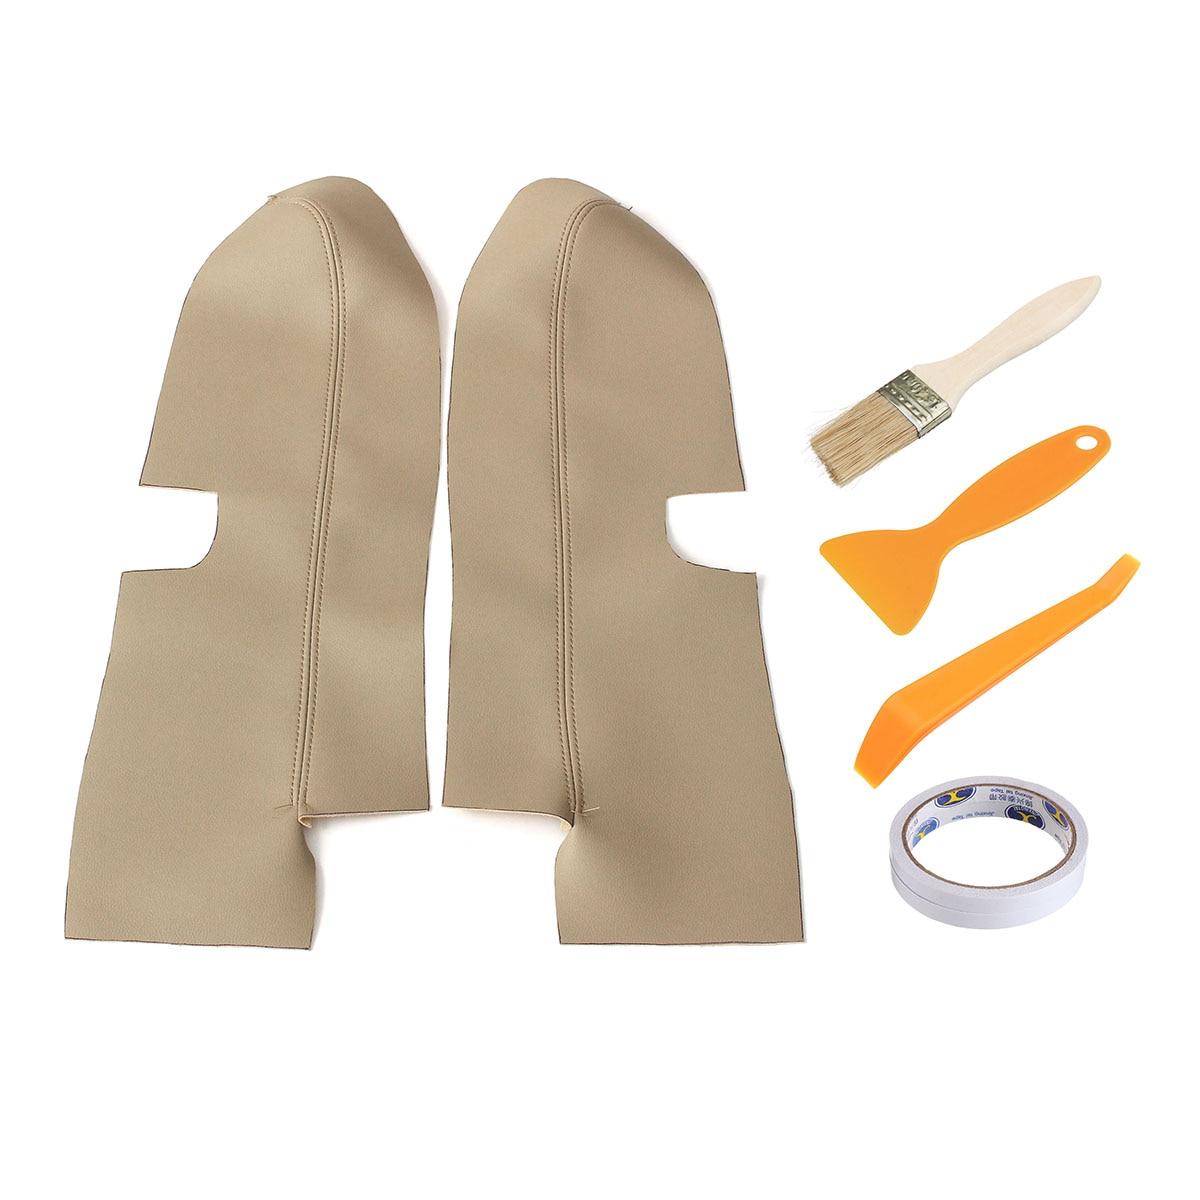 Пара передней двери ручки панели подлокотник микрофибра кожаный чехол накладка для Honda CRV 2007 2008 2009 2010 2011